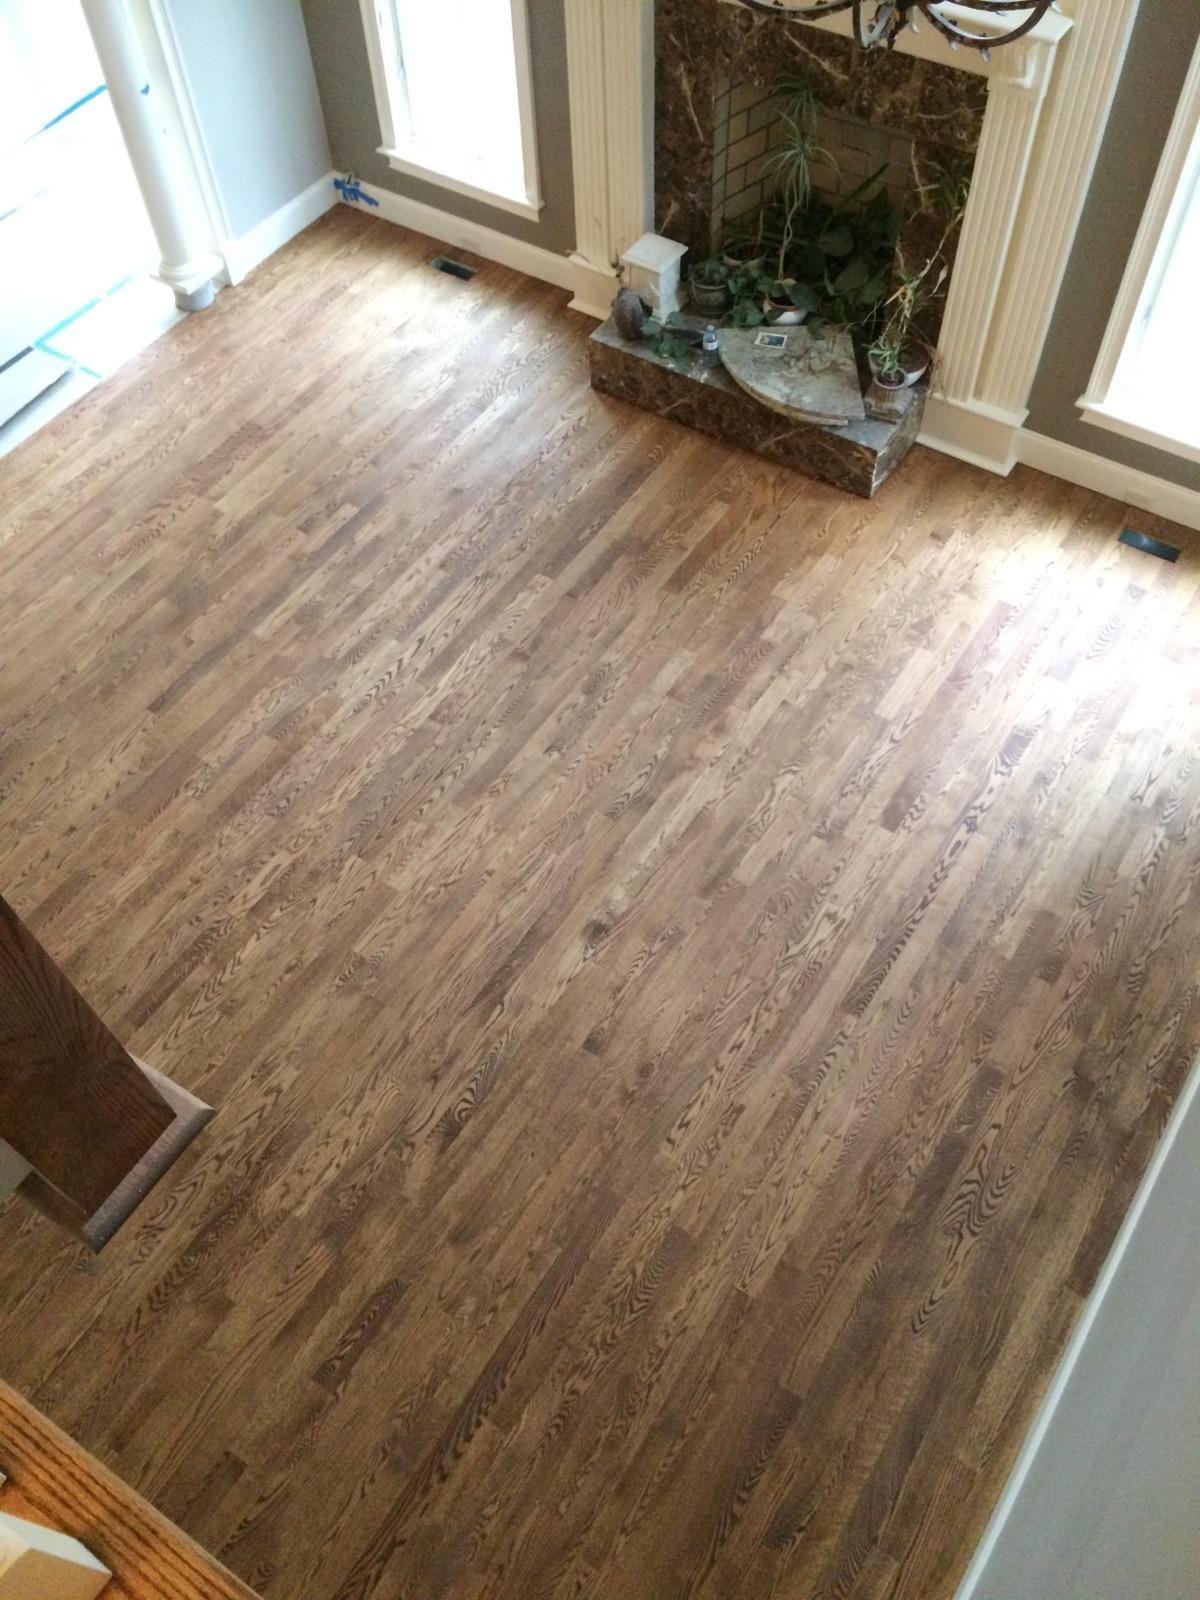 hardwood flooring 101 of 101 stunning hardwood floors colors oak hardwood floor colors and room regarding 101 stunning hardwood floors colors oak